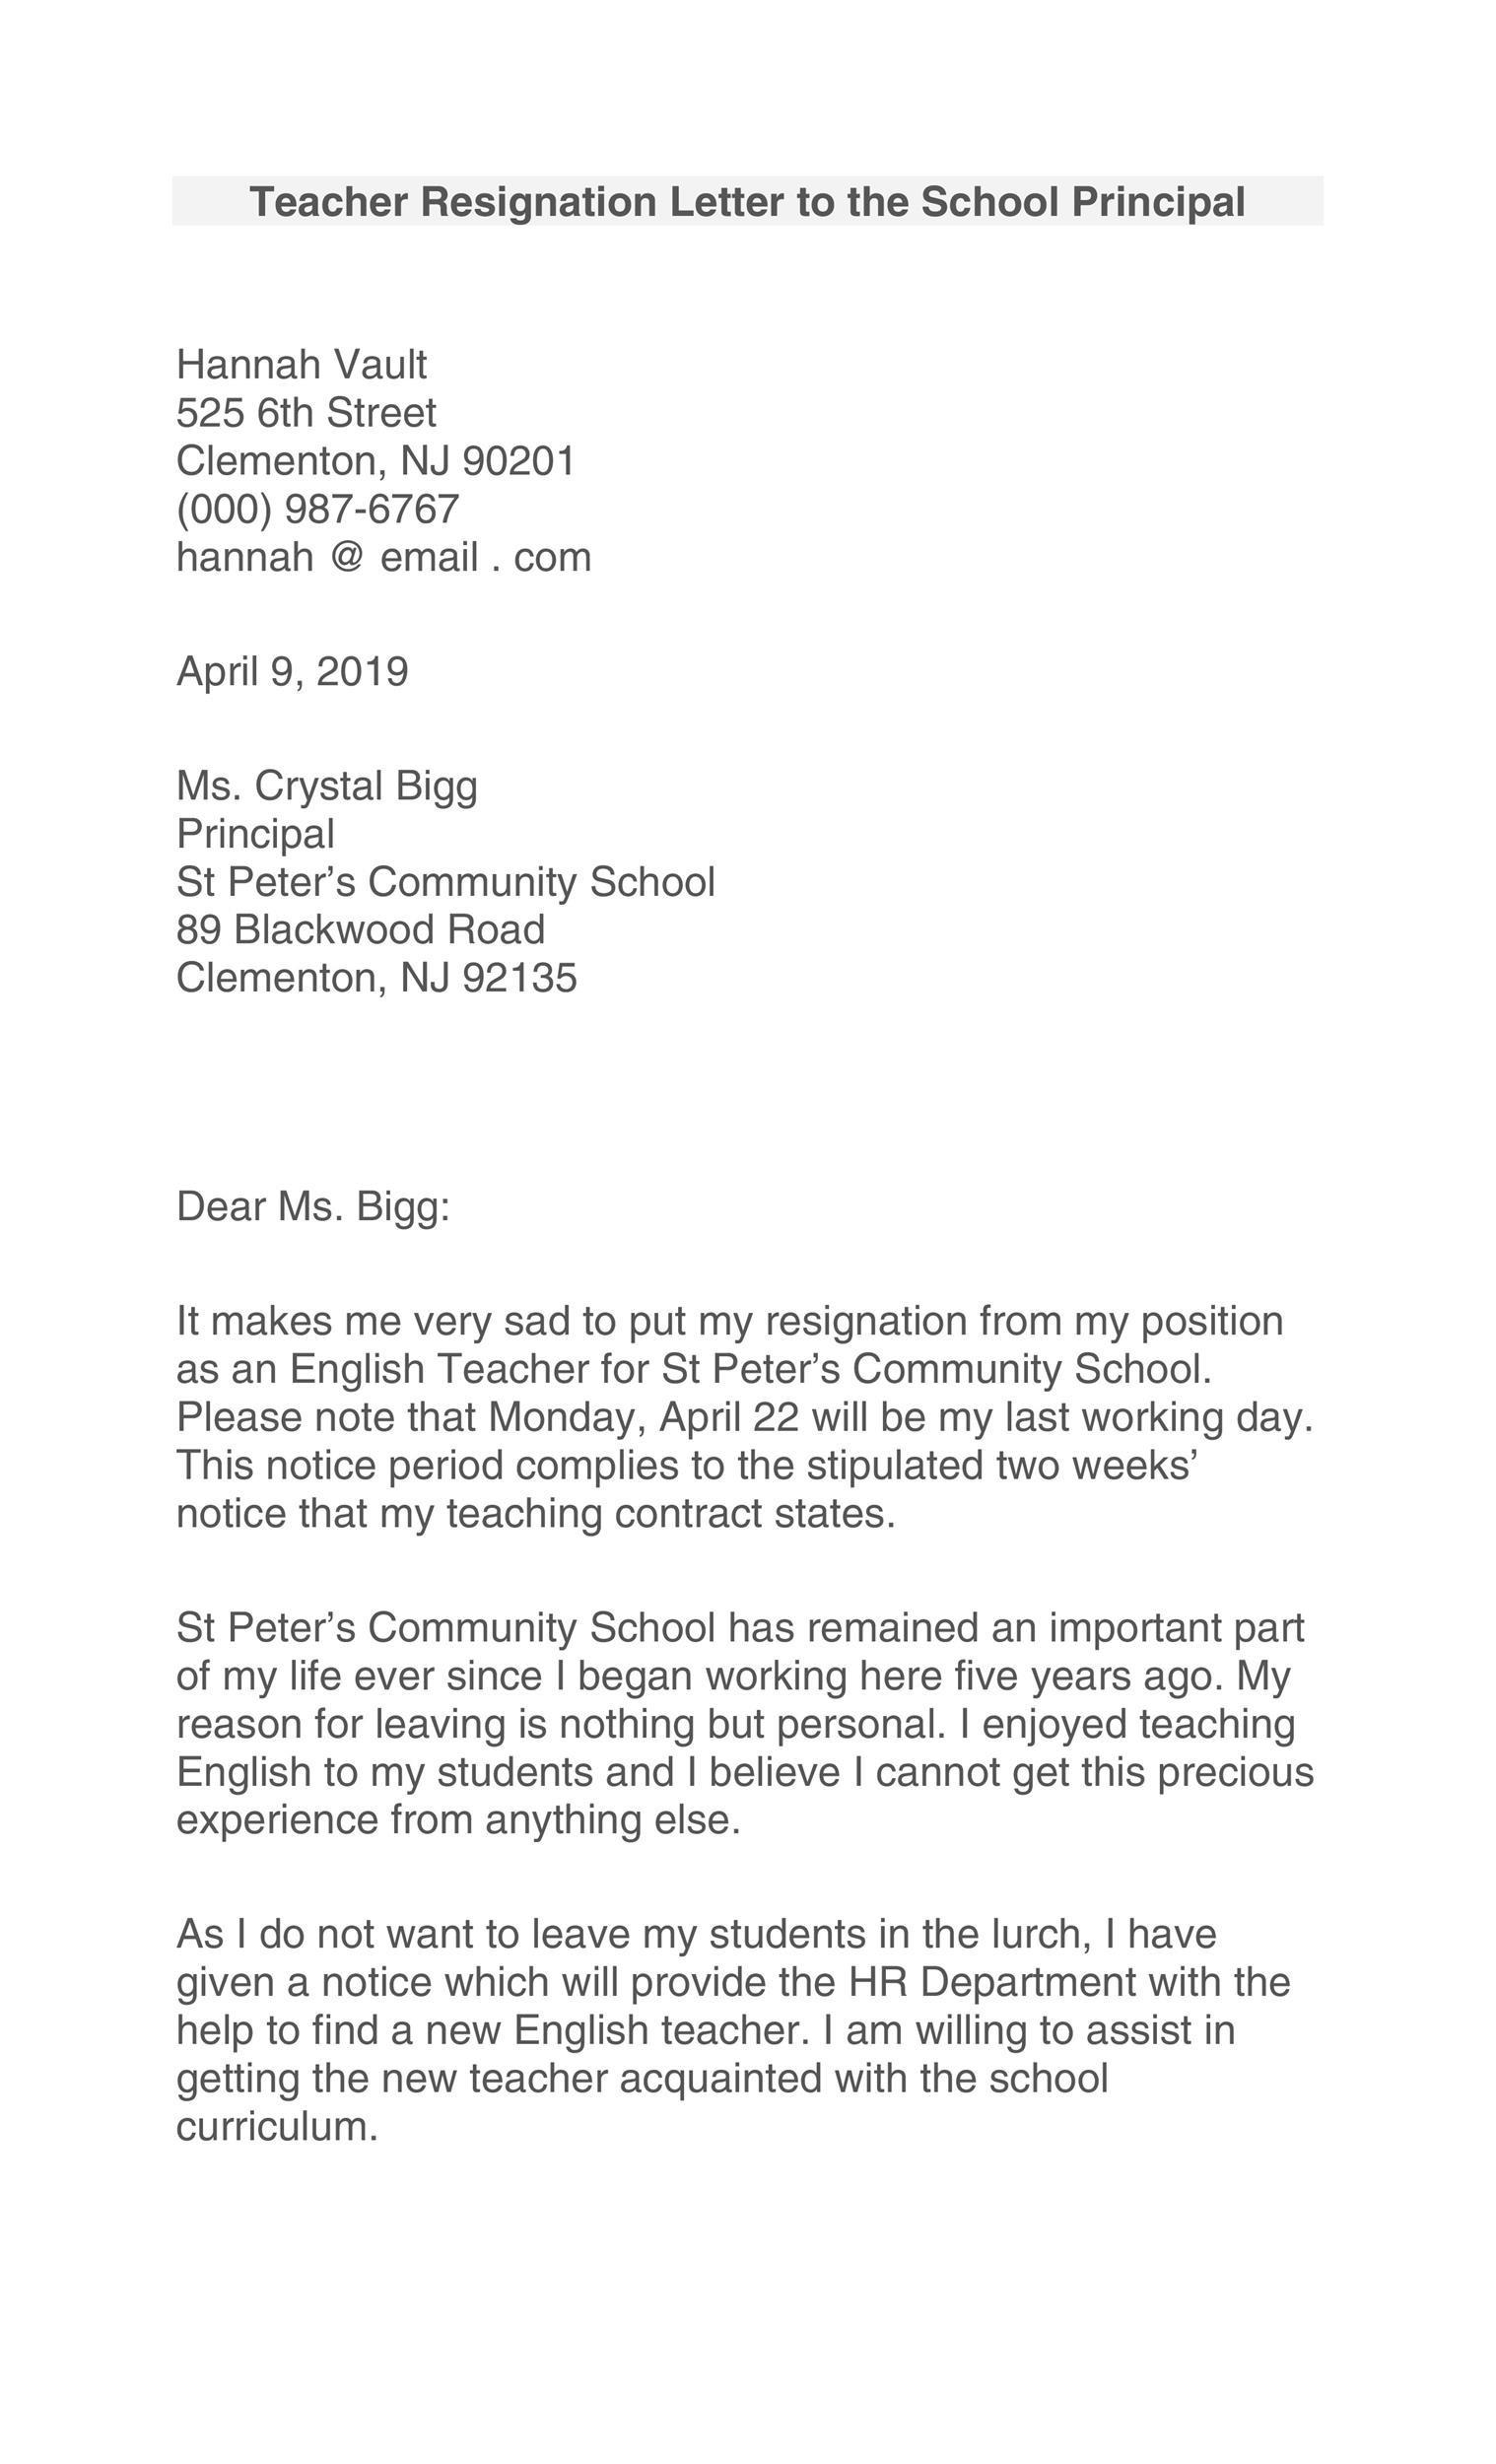 Free teacher resignation letter 24